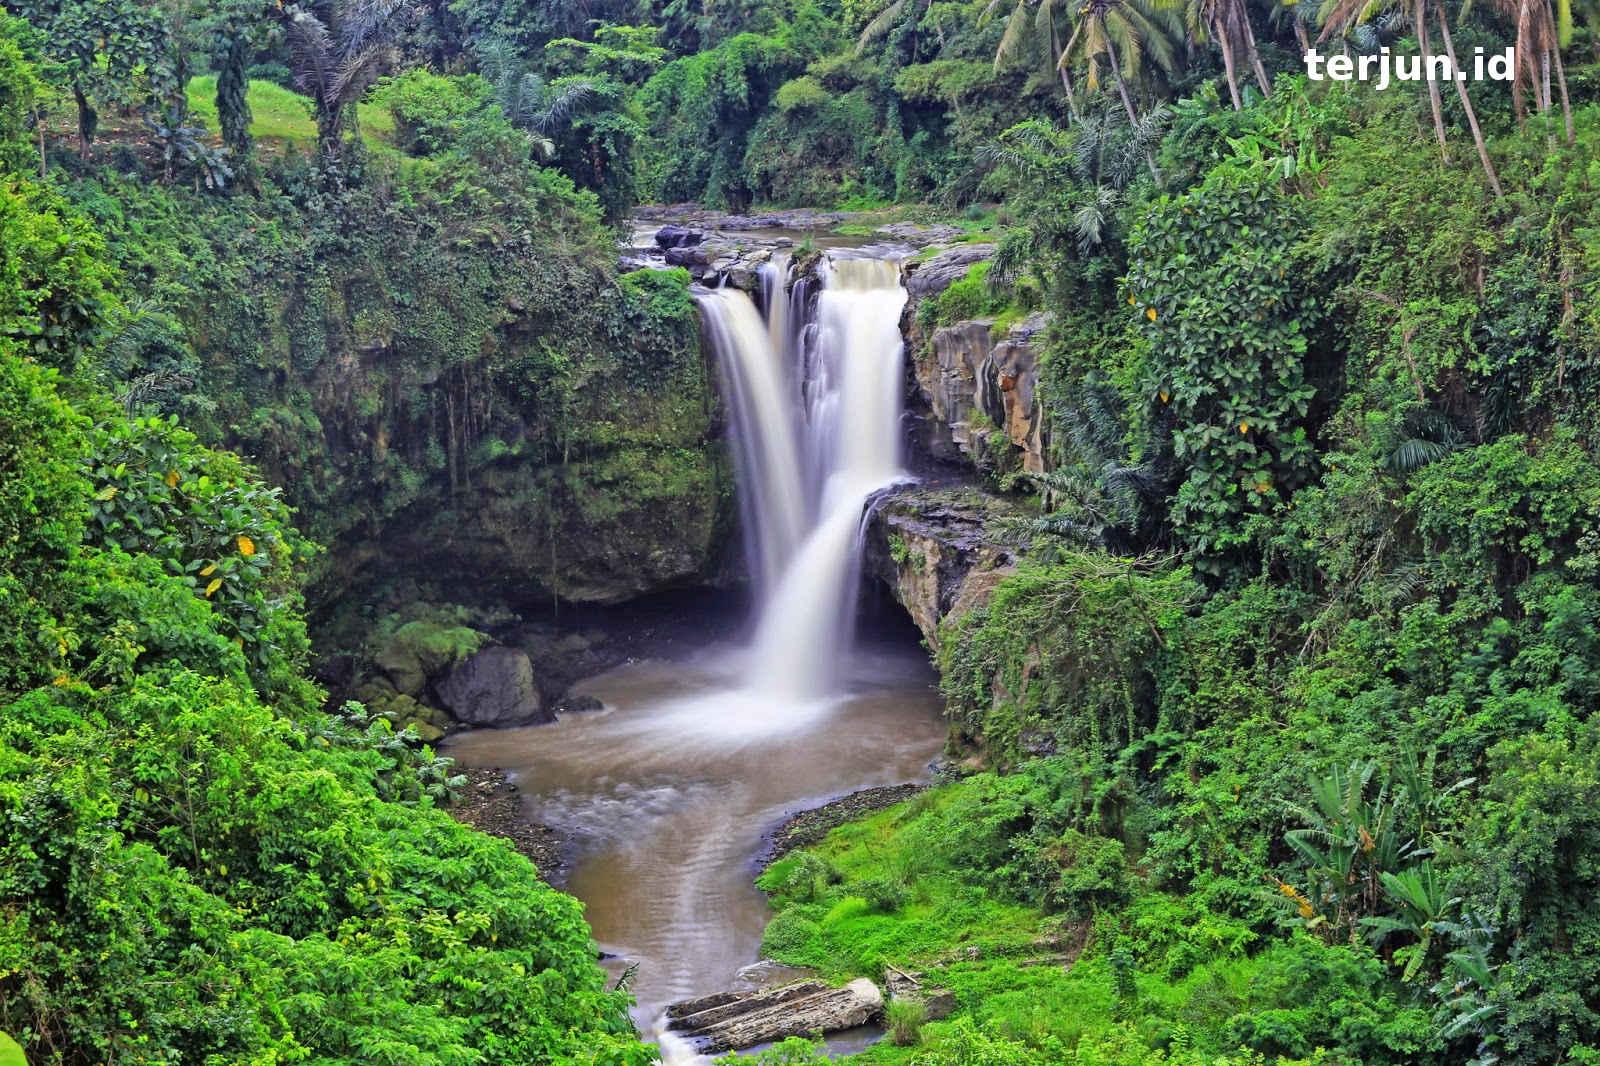 Air Terjun Indonesia: Wisata Air Terjun di Bali | Air Terjun ...